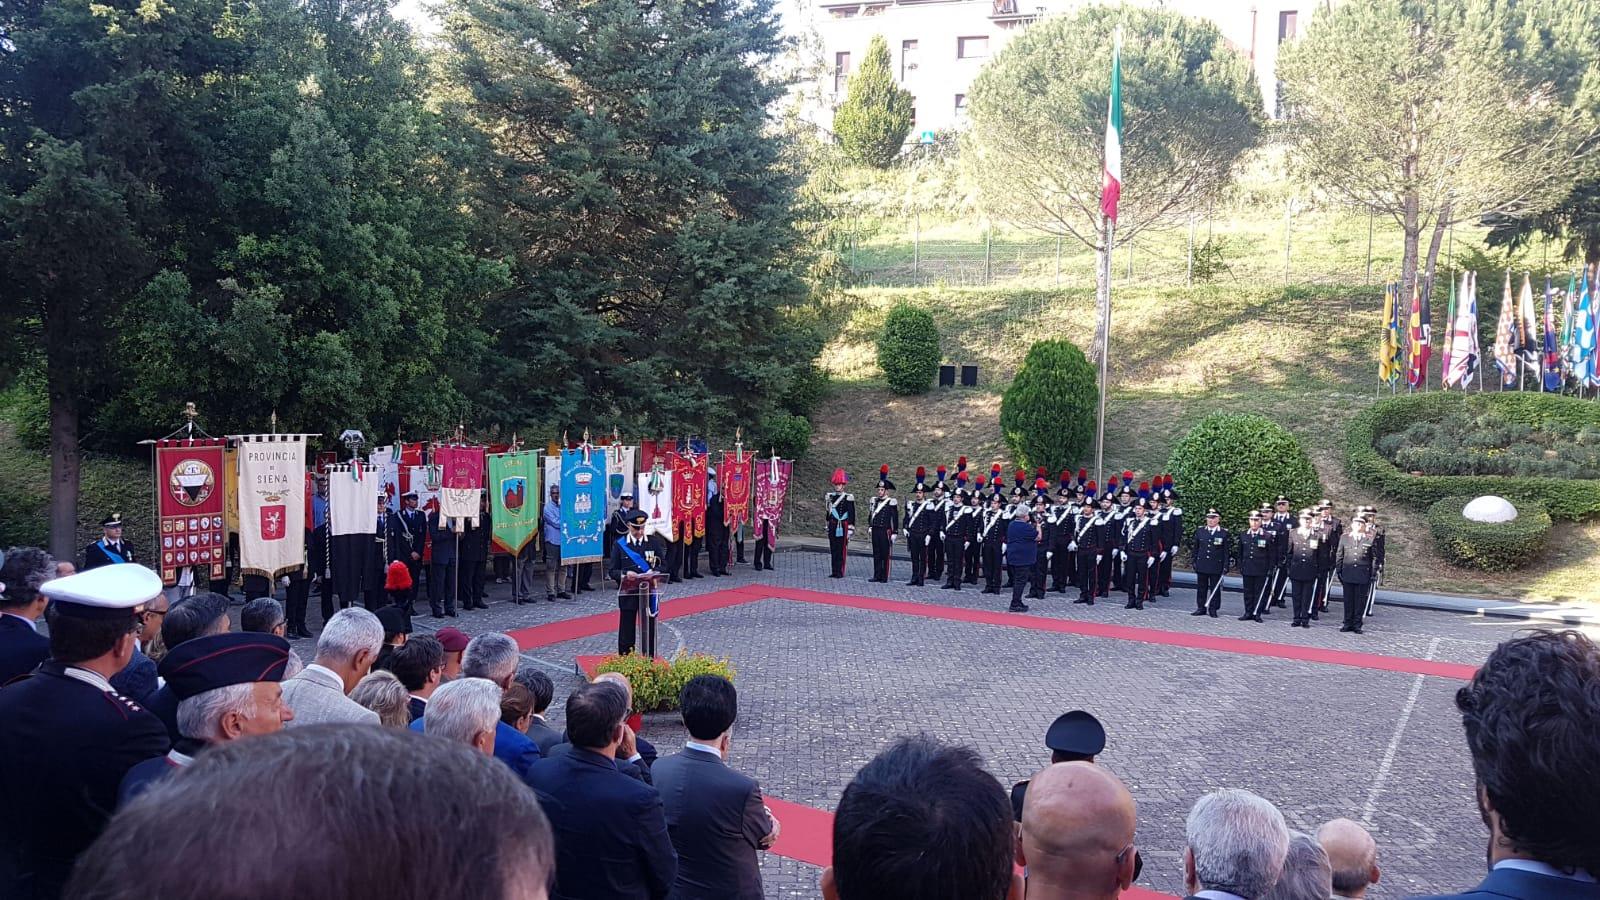 Alla caserma di Viale Bracci la cerimonia per i 204 anni dalla fondazione dell'Arma dei Carabinieri